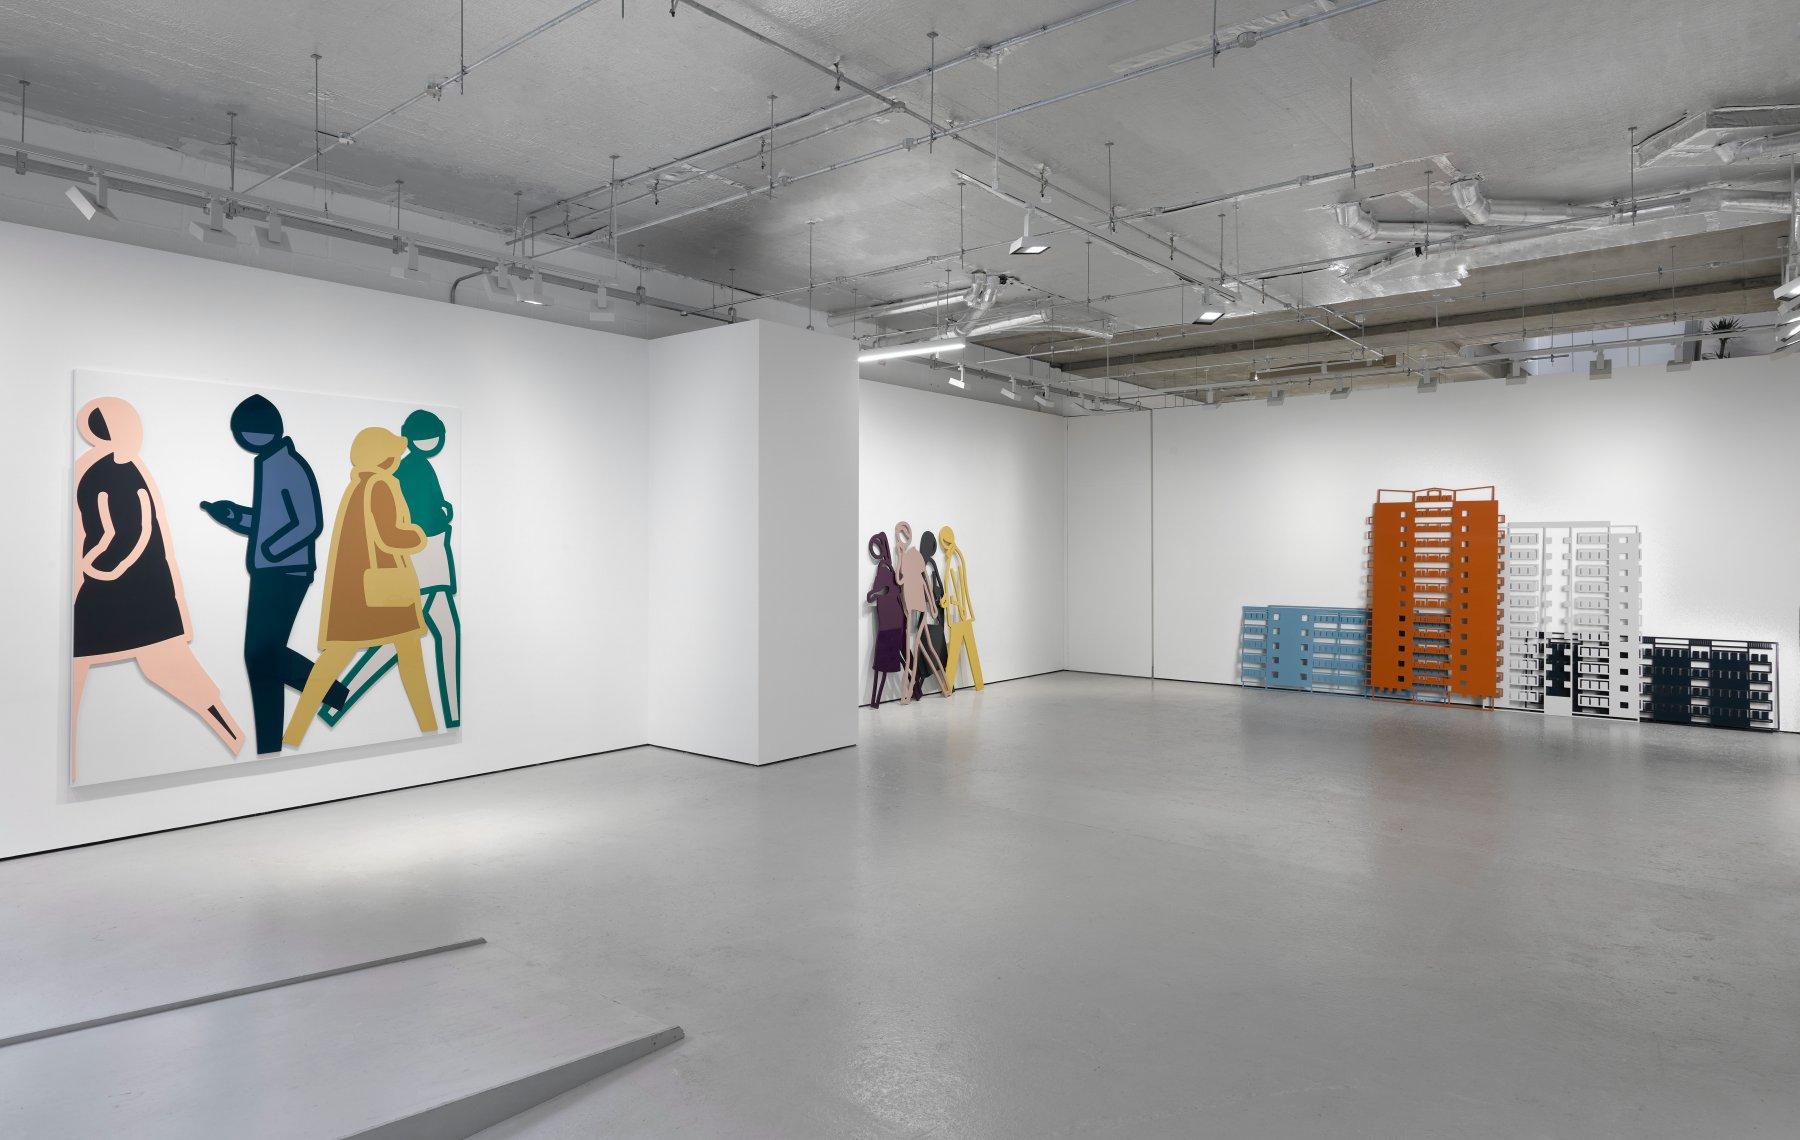 Lisson-Gallery-Cork-St-Julian-Opie 1